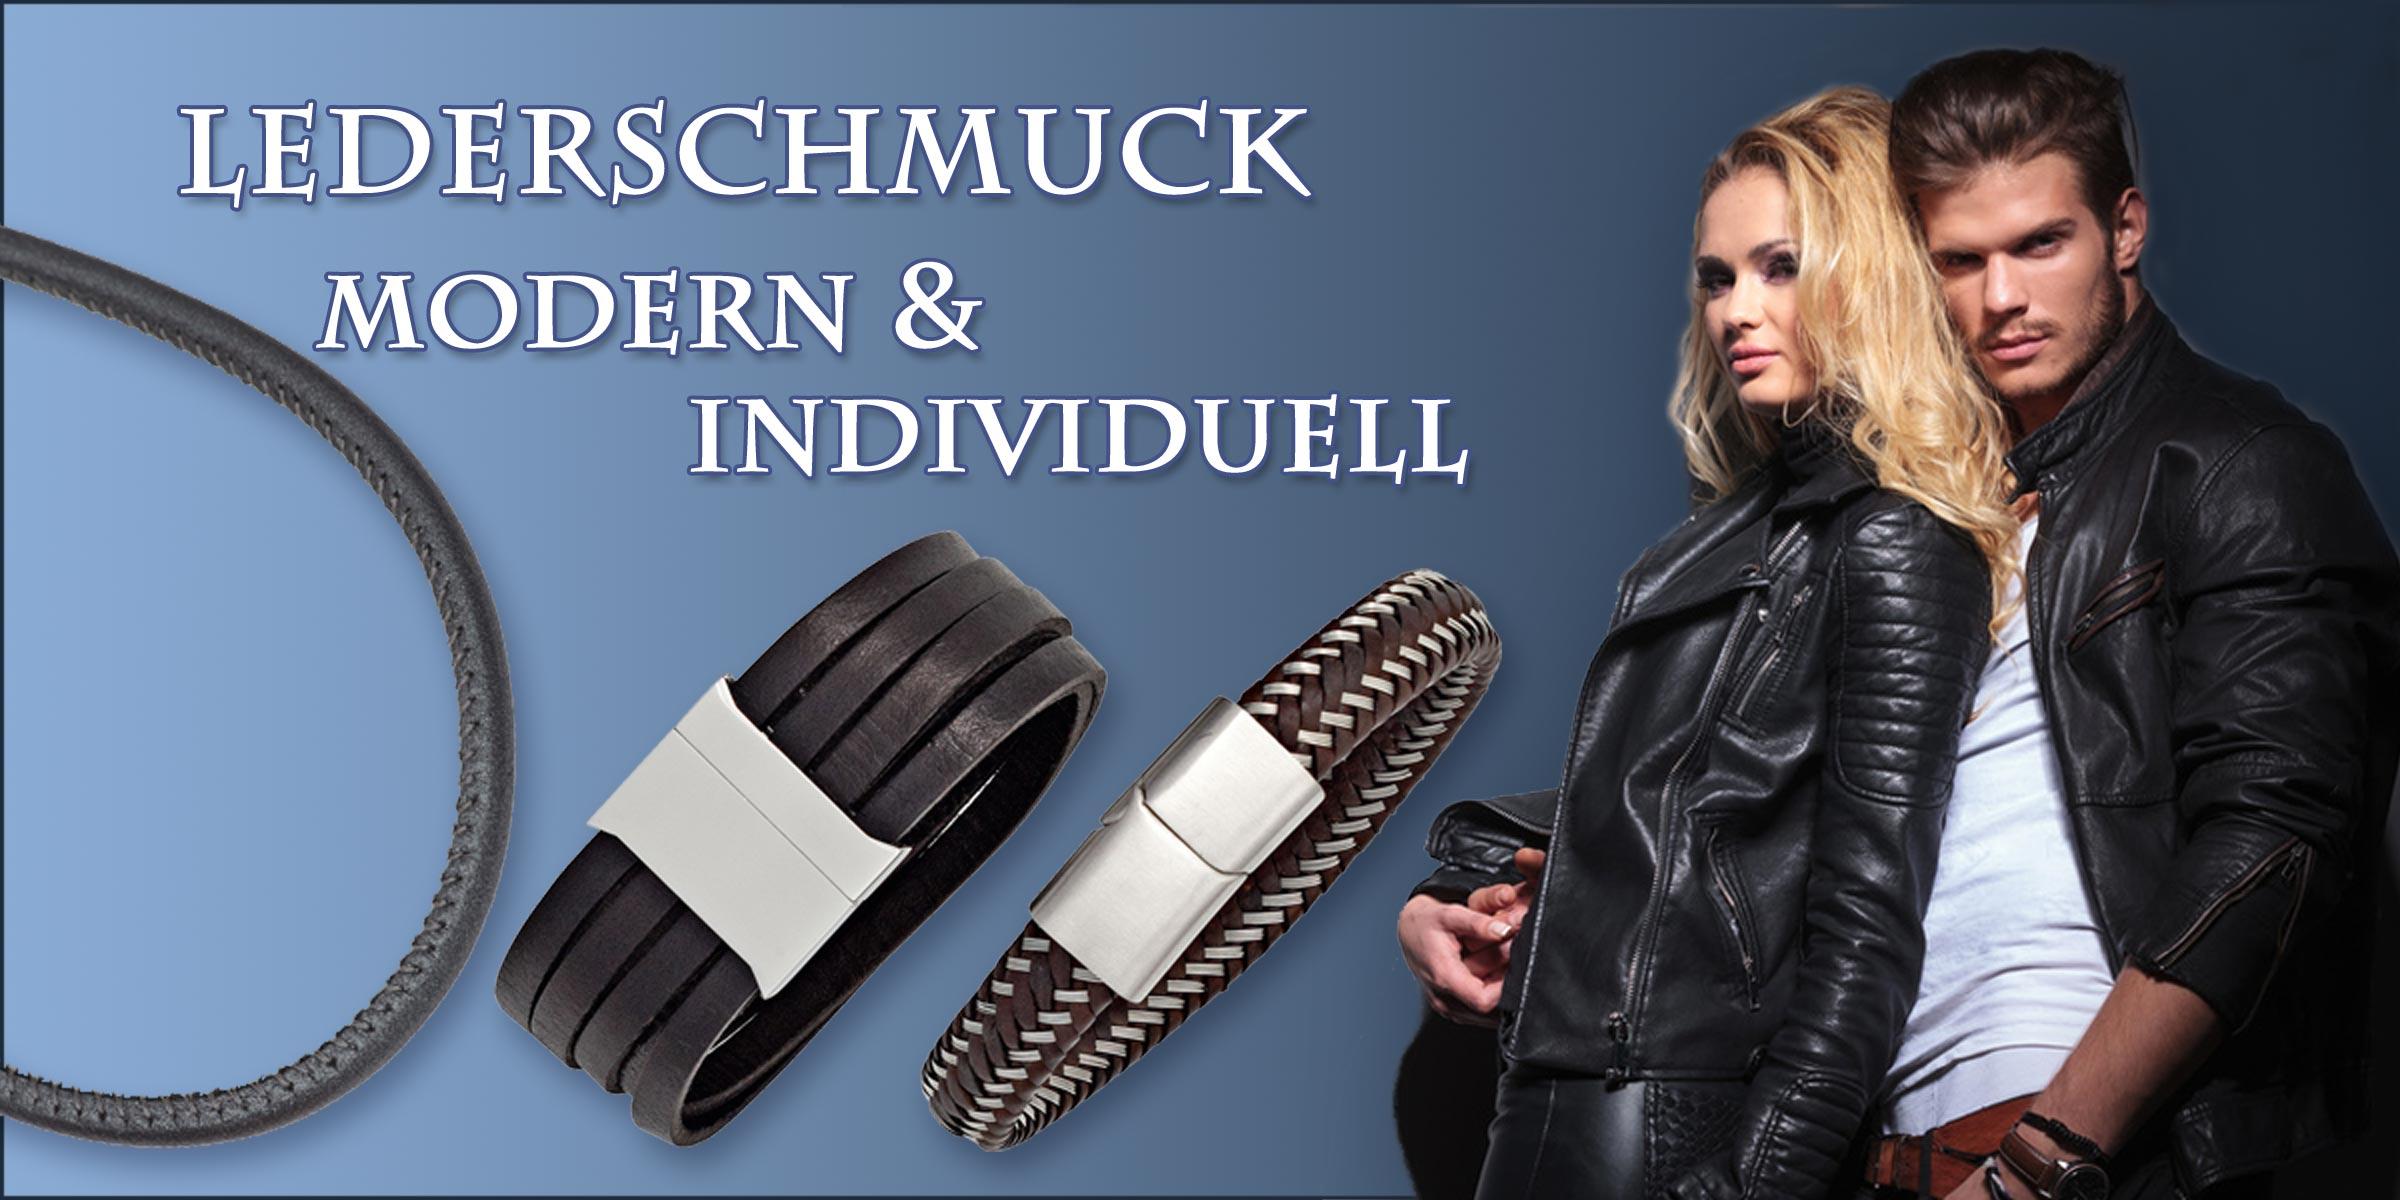 Lederschmuck